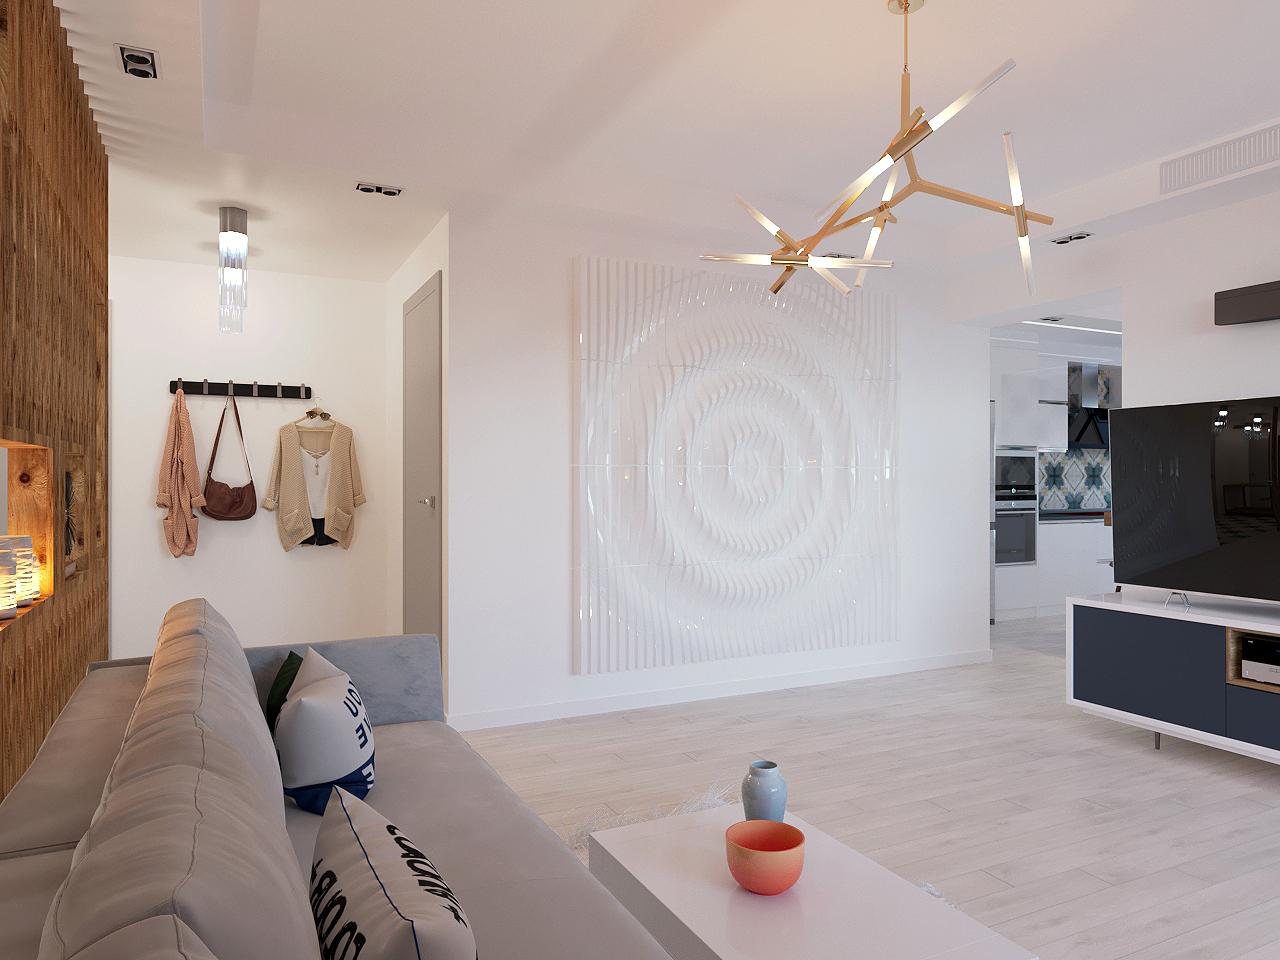 Дизайн проект интерьера первого уровня квартиры 69,9 м.кв. фото f_9145a857e6d87d0b.jpg